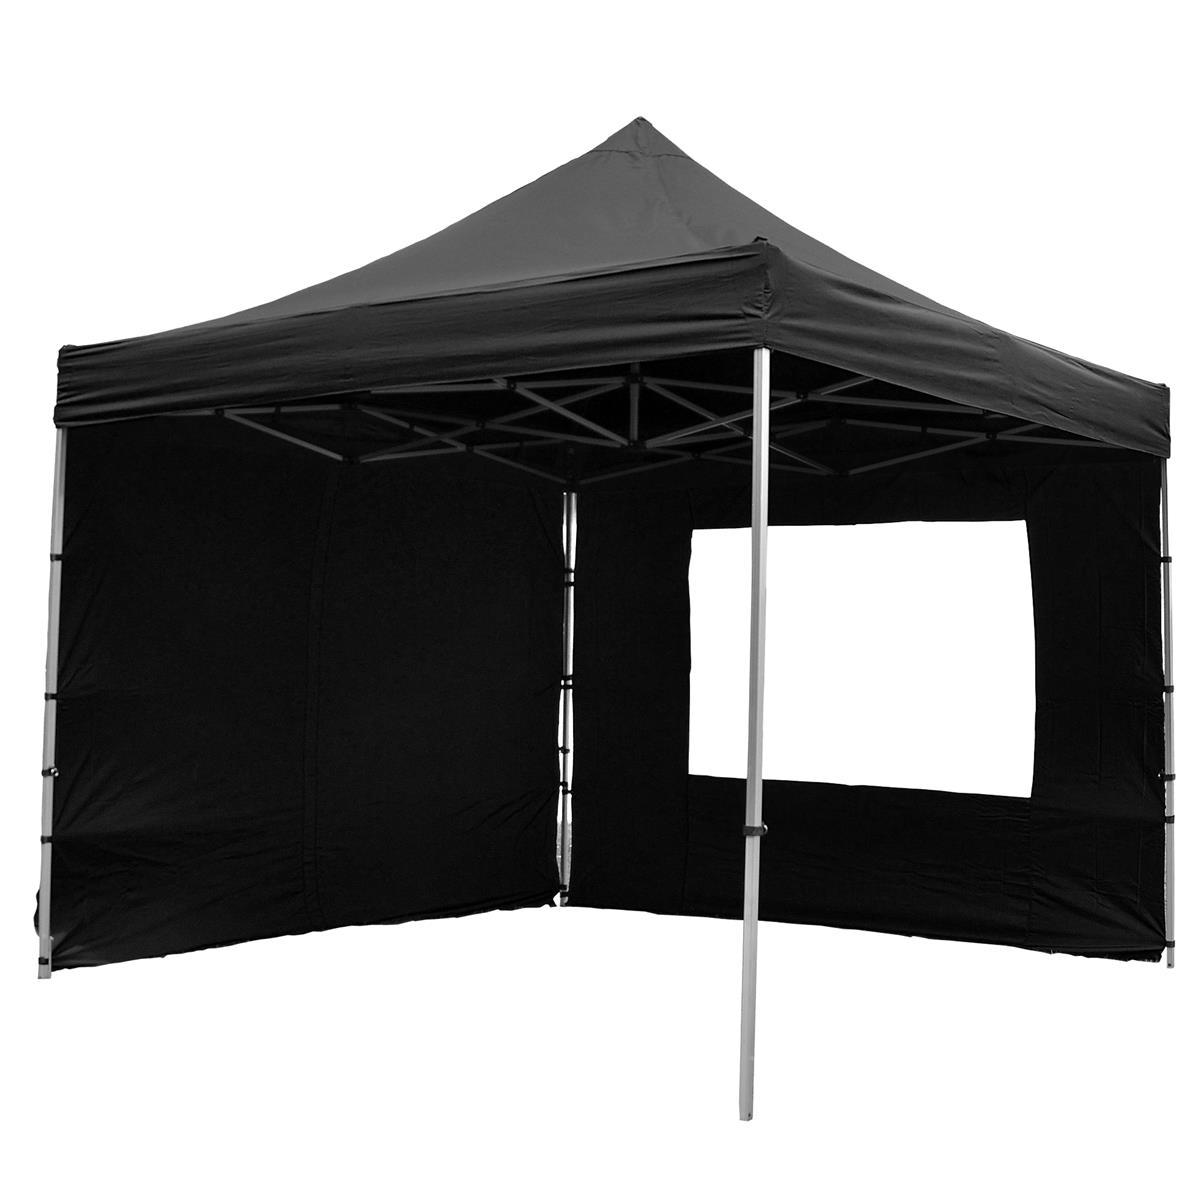 PROFI Faltpavillon Partyzelt mit 4 Seitenteilen 3x3 m schwarz wasserdichtes Dach